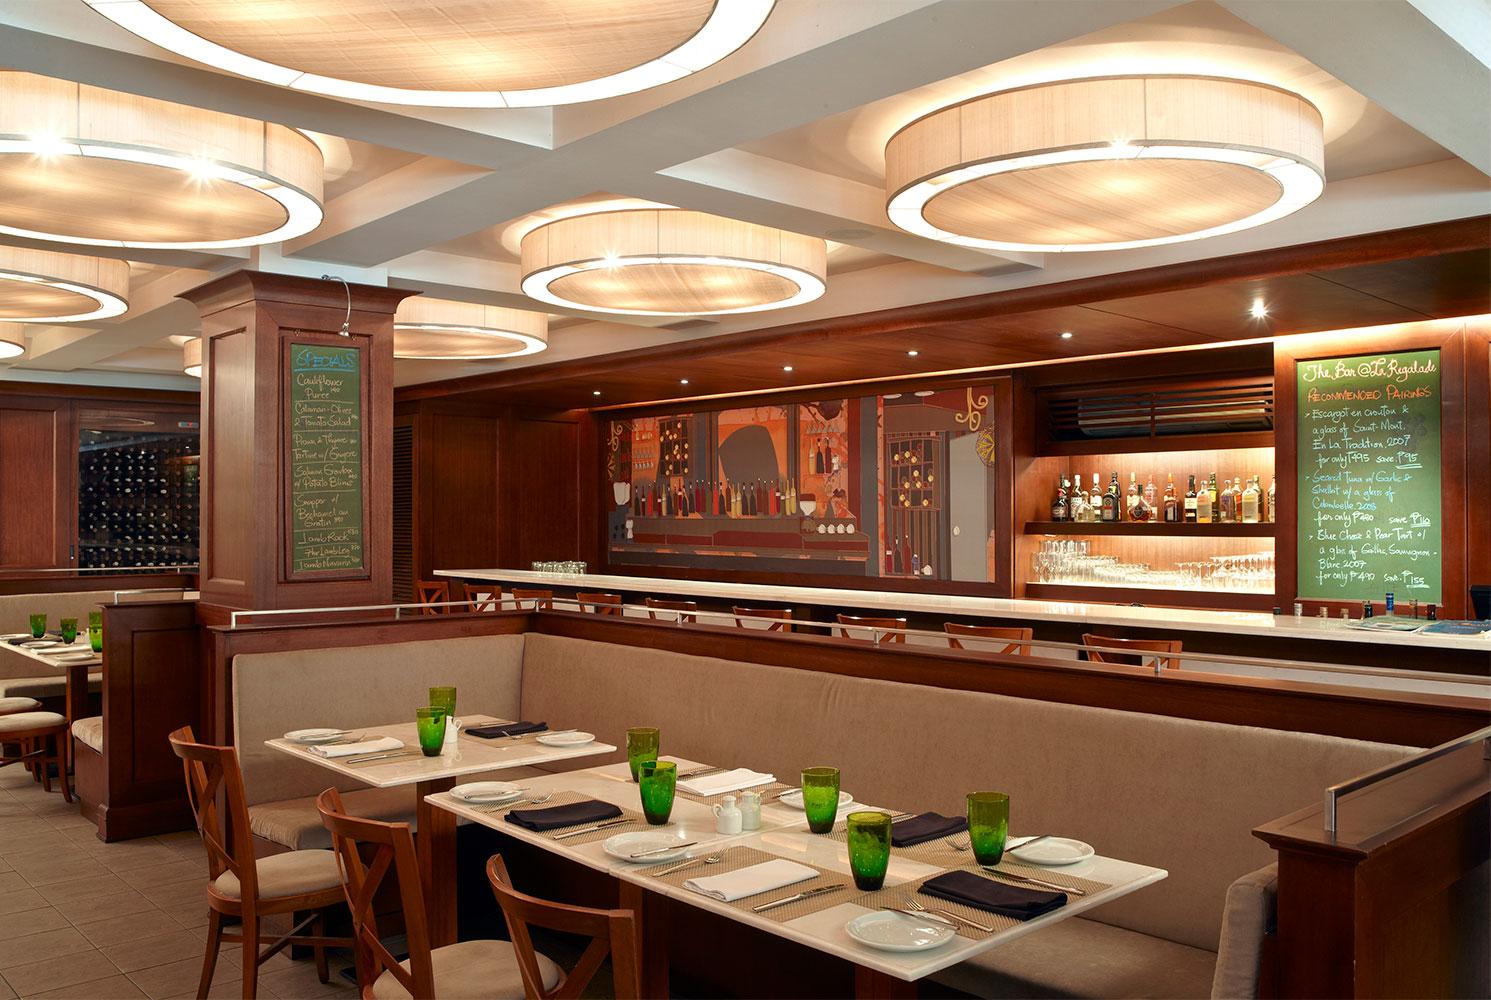 CS Architecture – La Regalade Restaurant